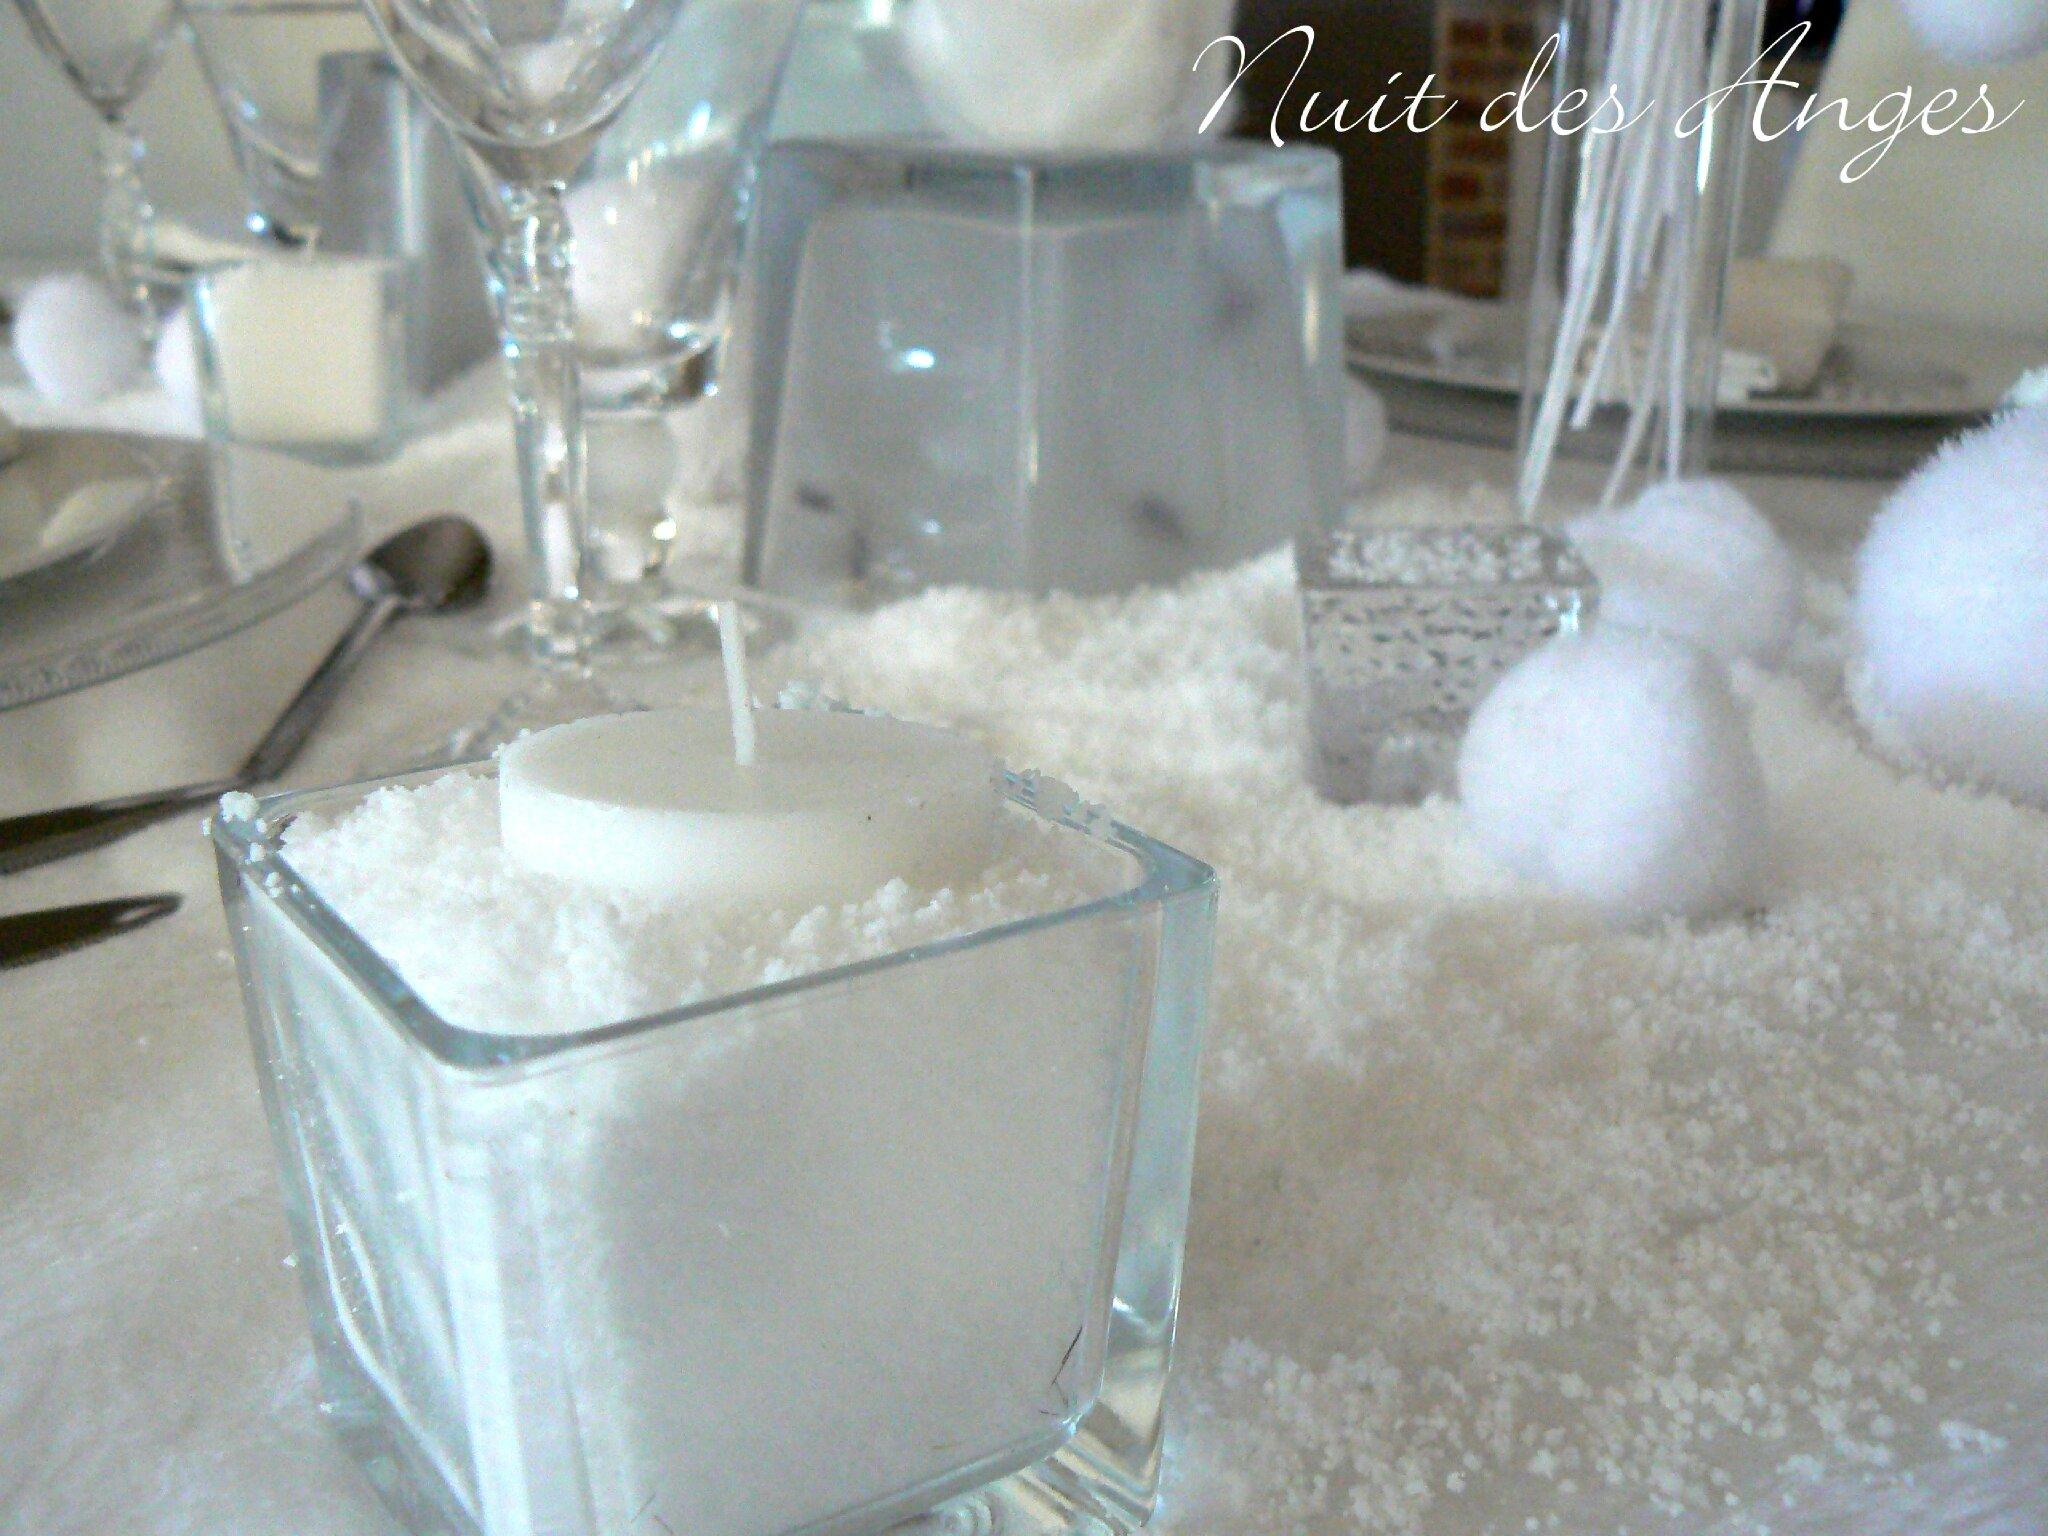 D coration de table hiver blanc nuit des anges for Decoration exterieur hiver